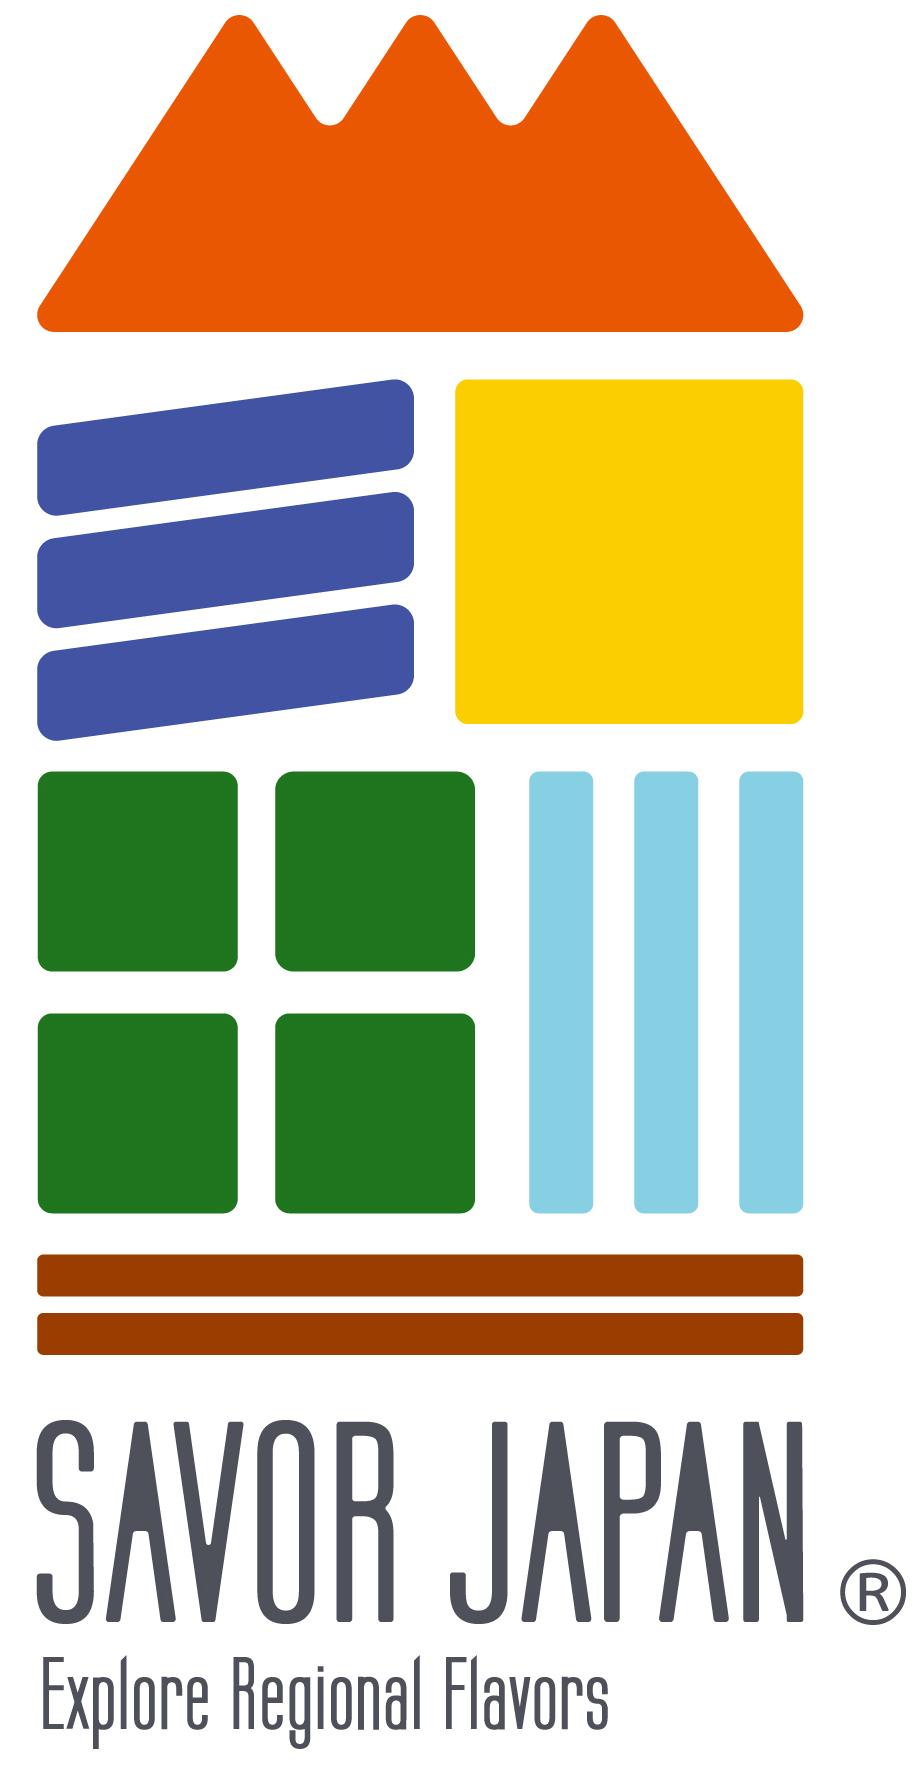 SAVOR JAPAN 認定ロゴマーク画像